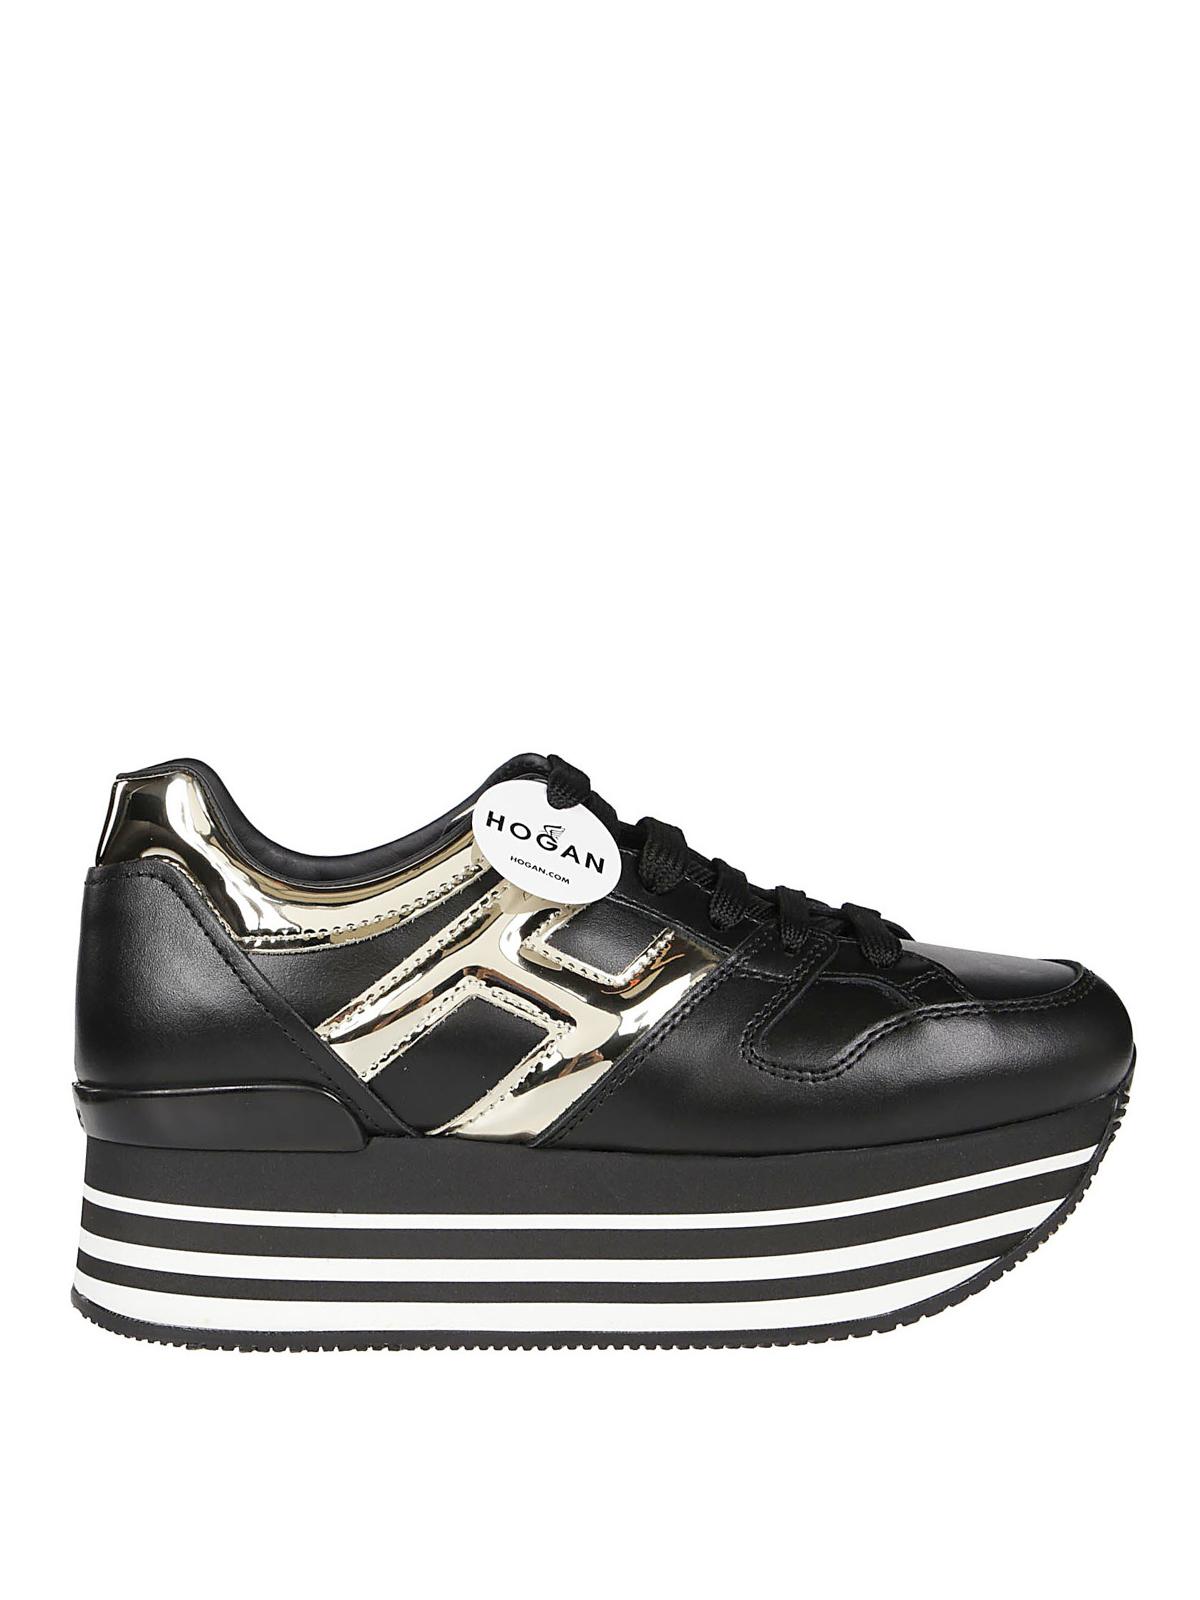 Hogan Sneaker nere e oro H283 Maxi H222 sneakers